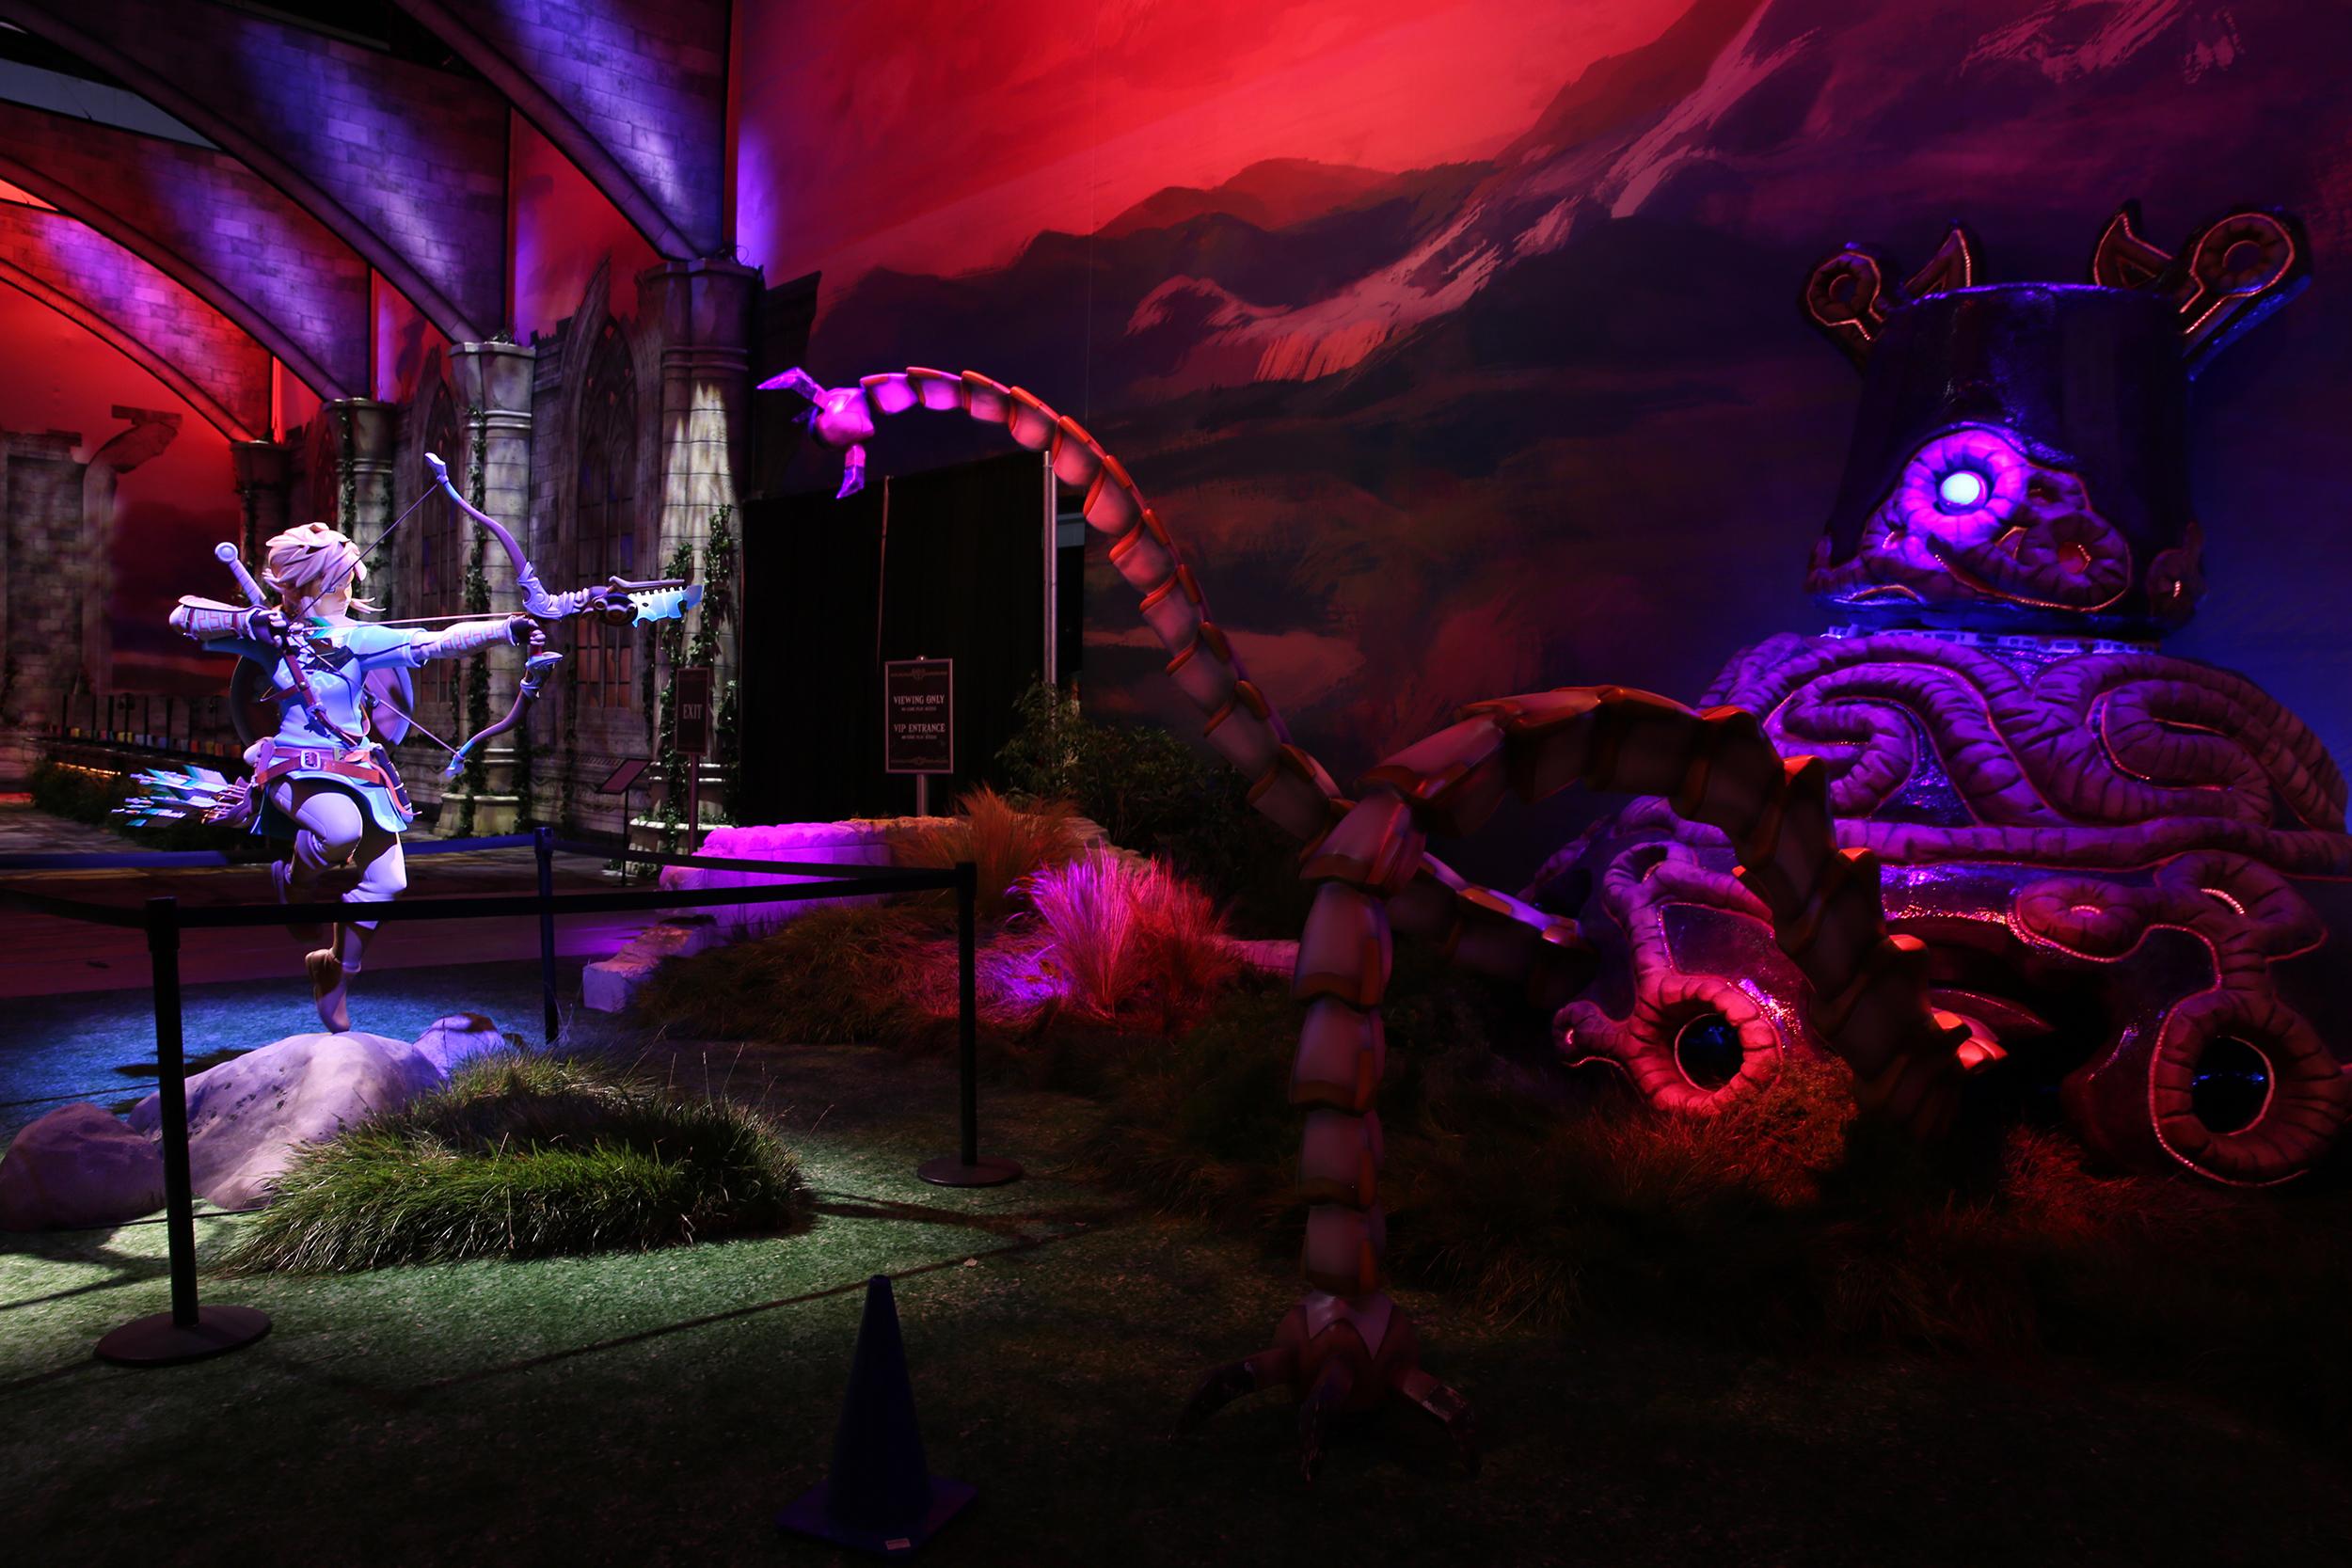 Nintendo E3 Booth Photo